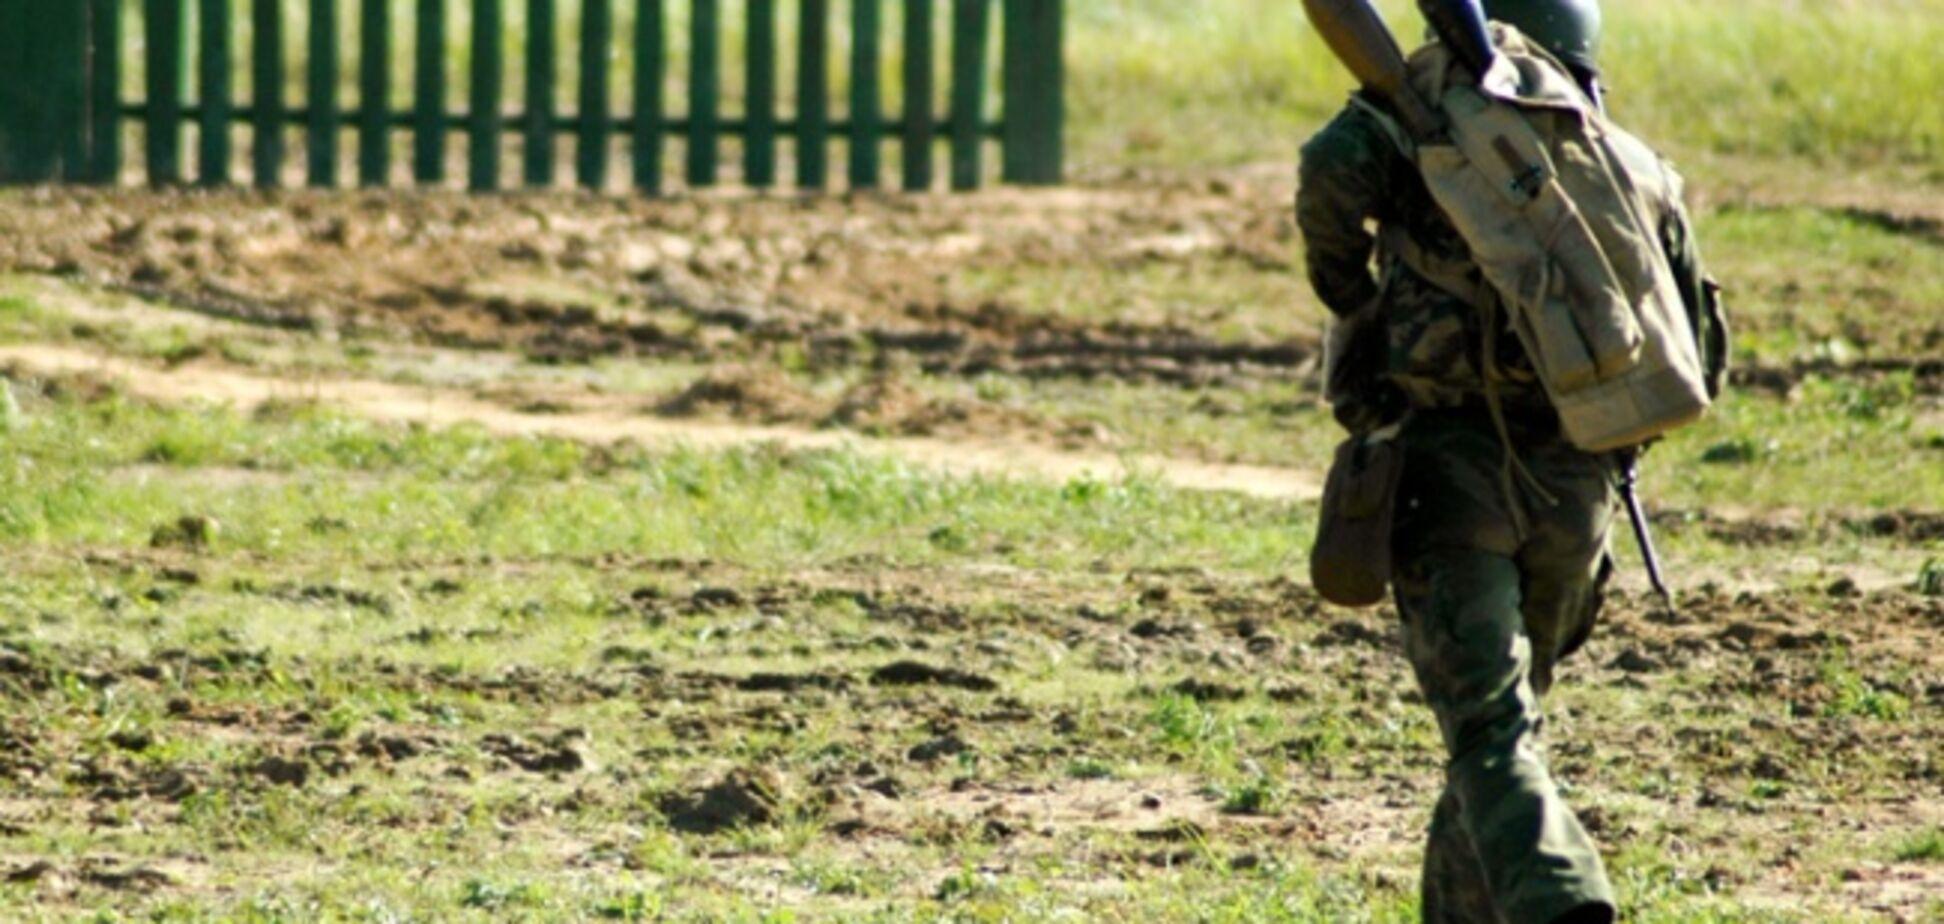 В 'ДНР' заявили о переходе на их сторону военного из ВСУ